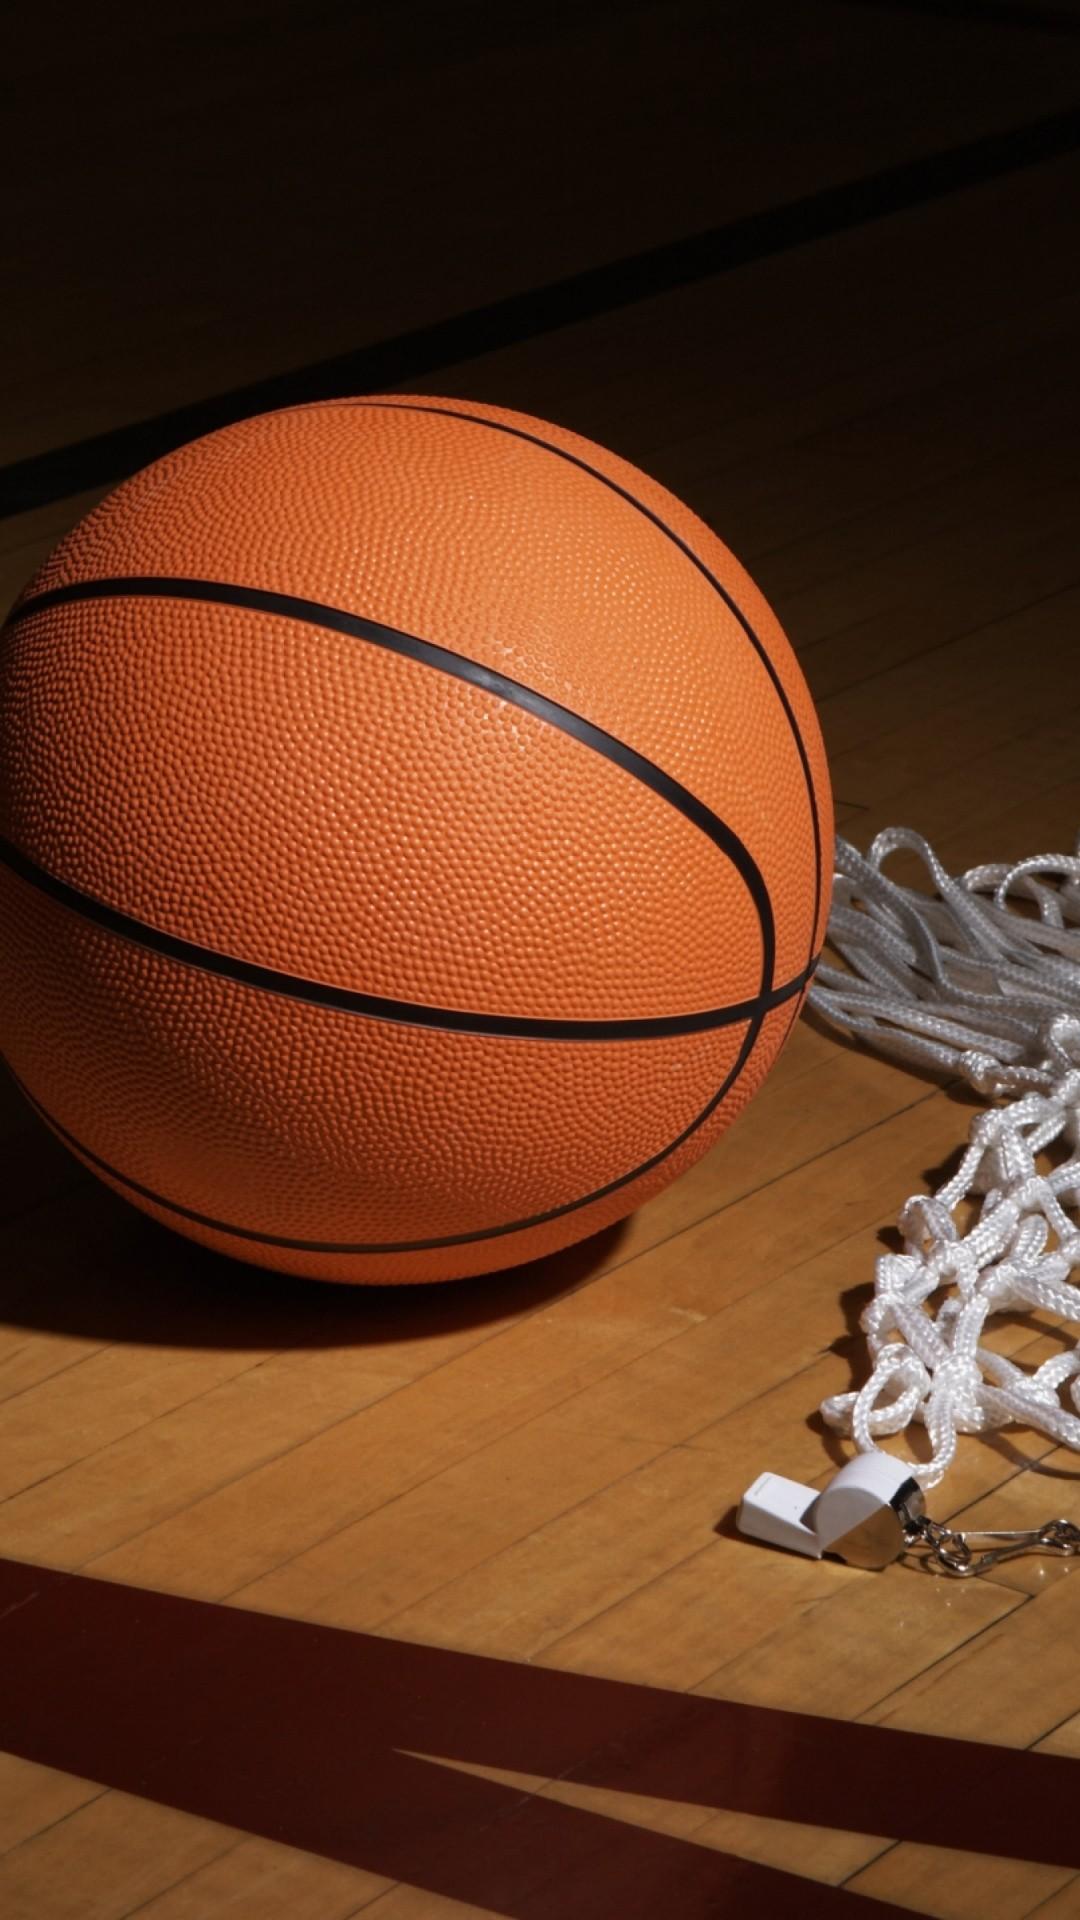 Basketball iPhone hd wallpaper